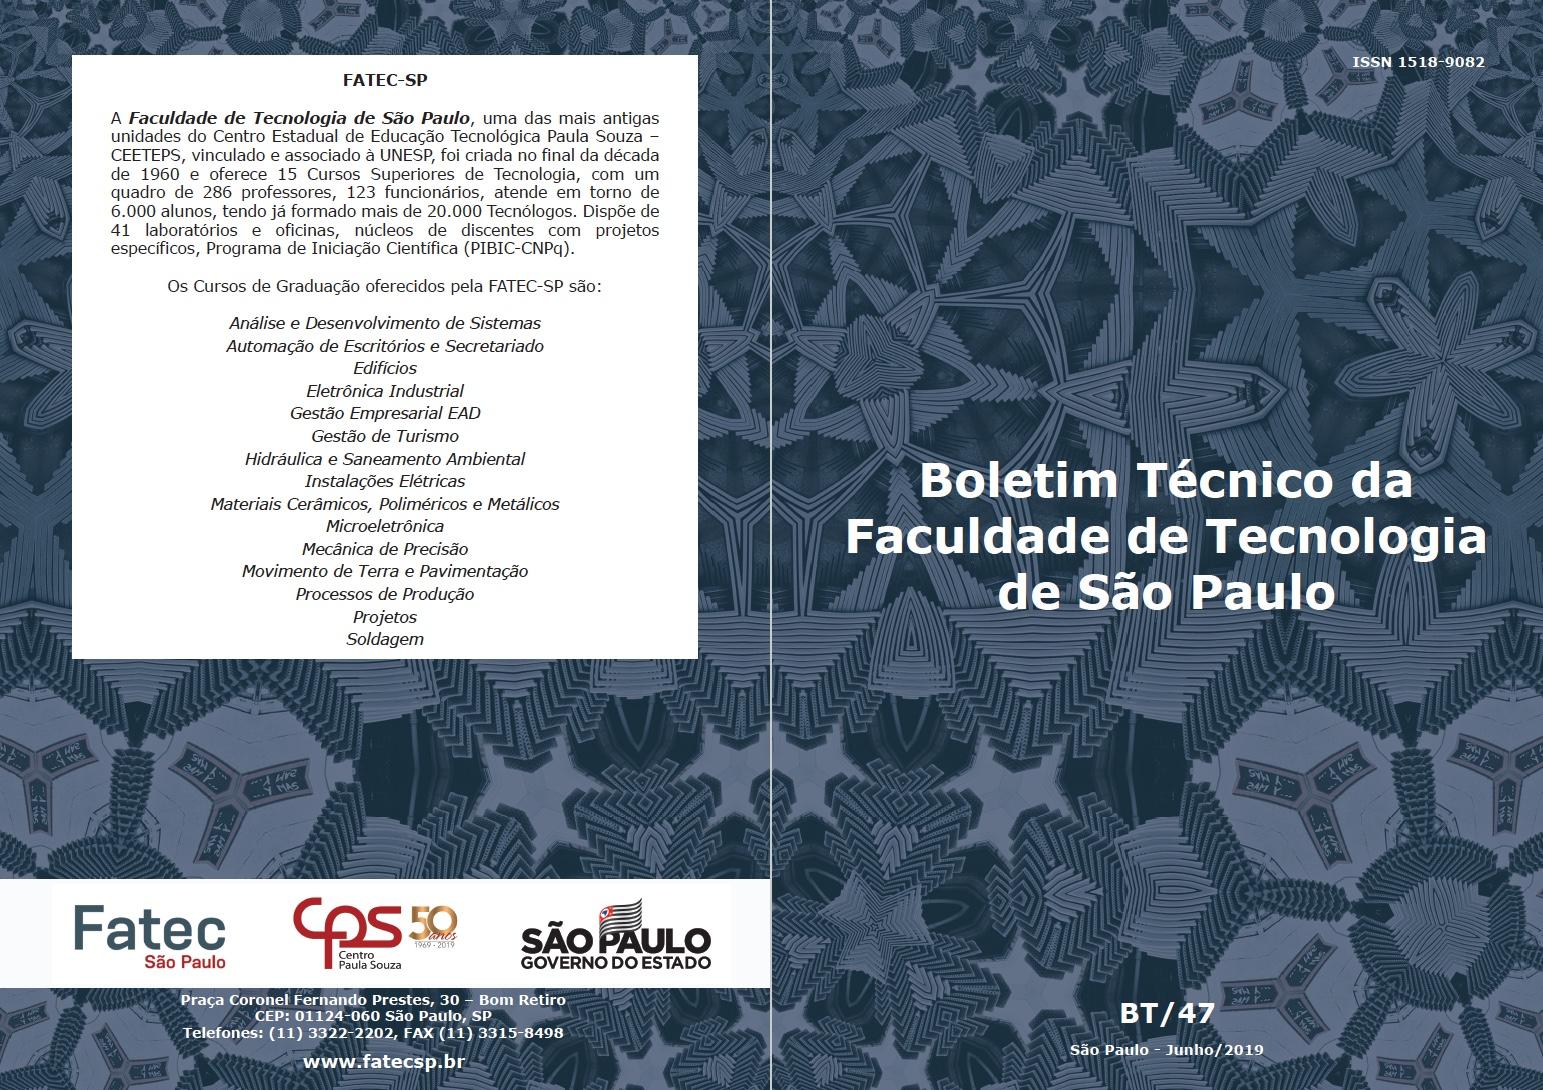 BT47/2019 Fatec-SP